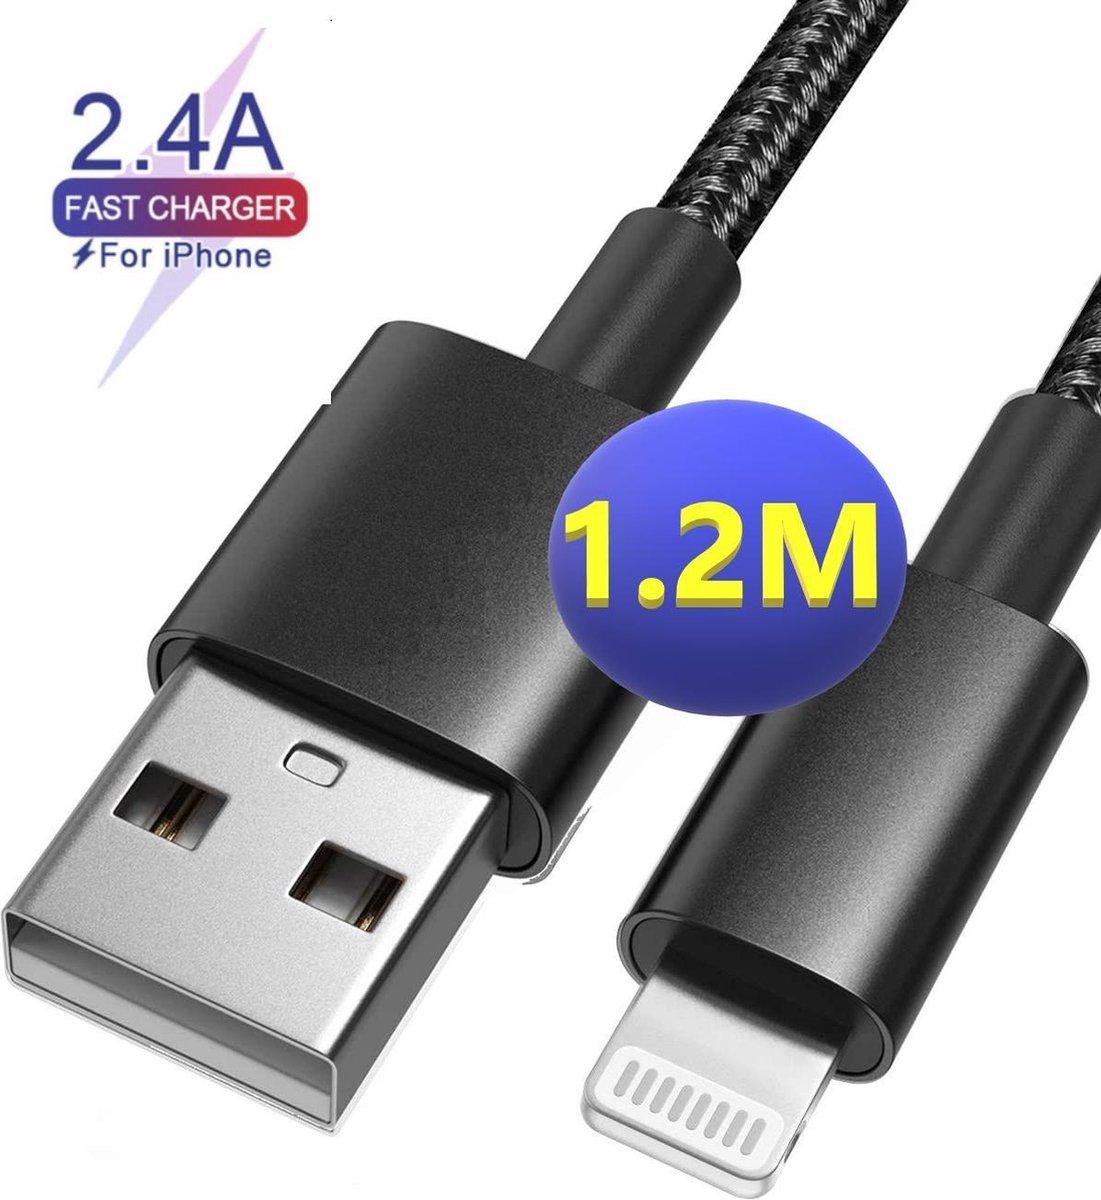 iPhone oplader kabel | 1M | Nylon | Geschikt voor Apple iPhone 6,7,8,X,XS,XR,11,12,Mini,Pro Max- iPhone kabel - iPhone oplaadkabel - iPhone snoertje - iPhone lader